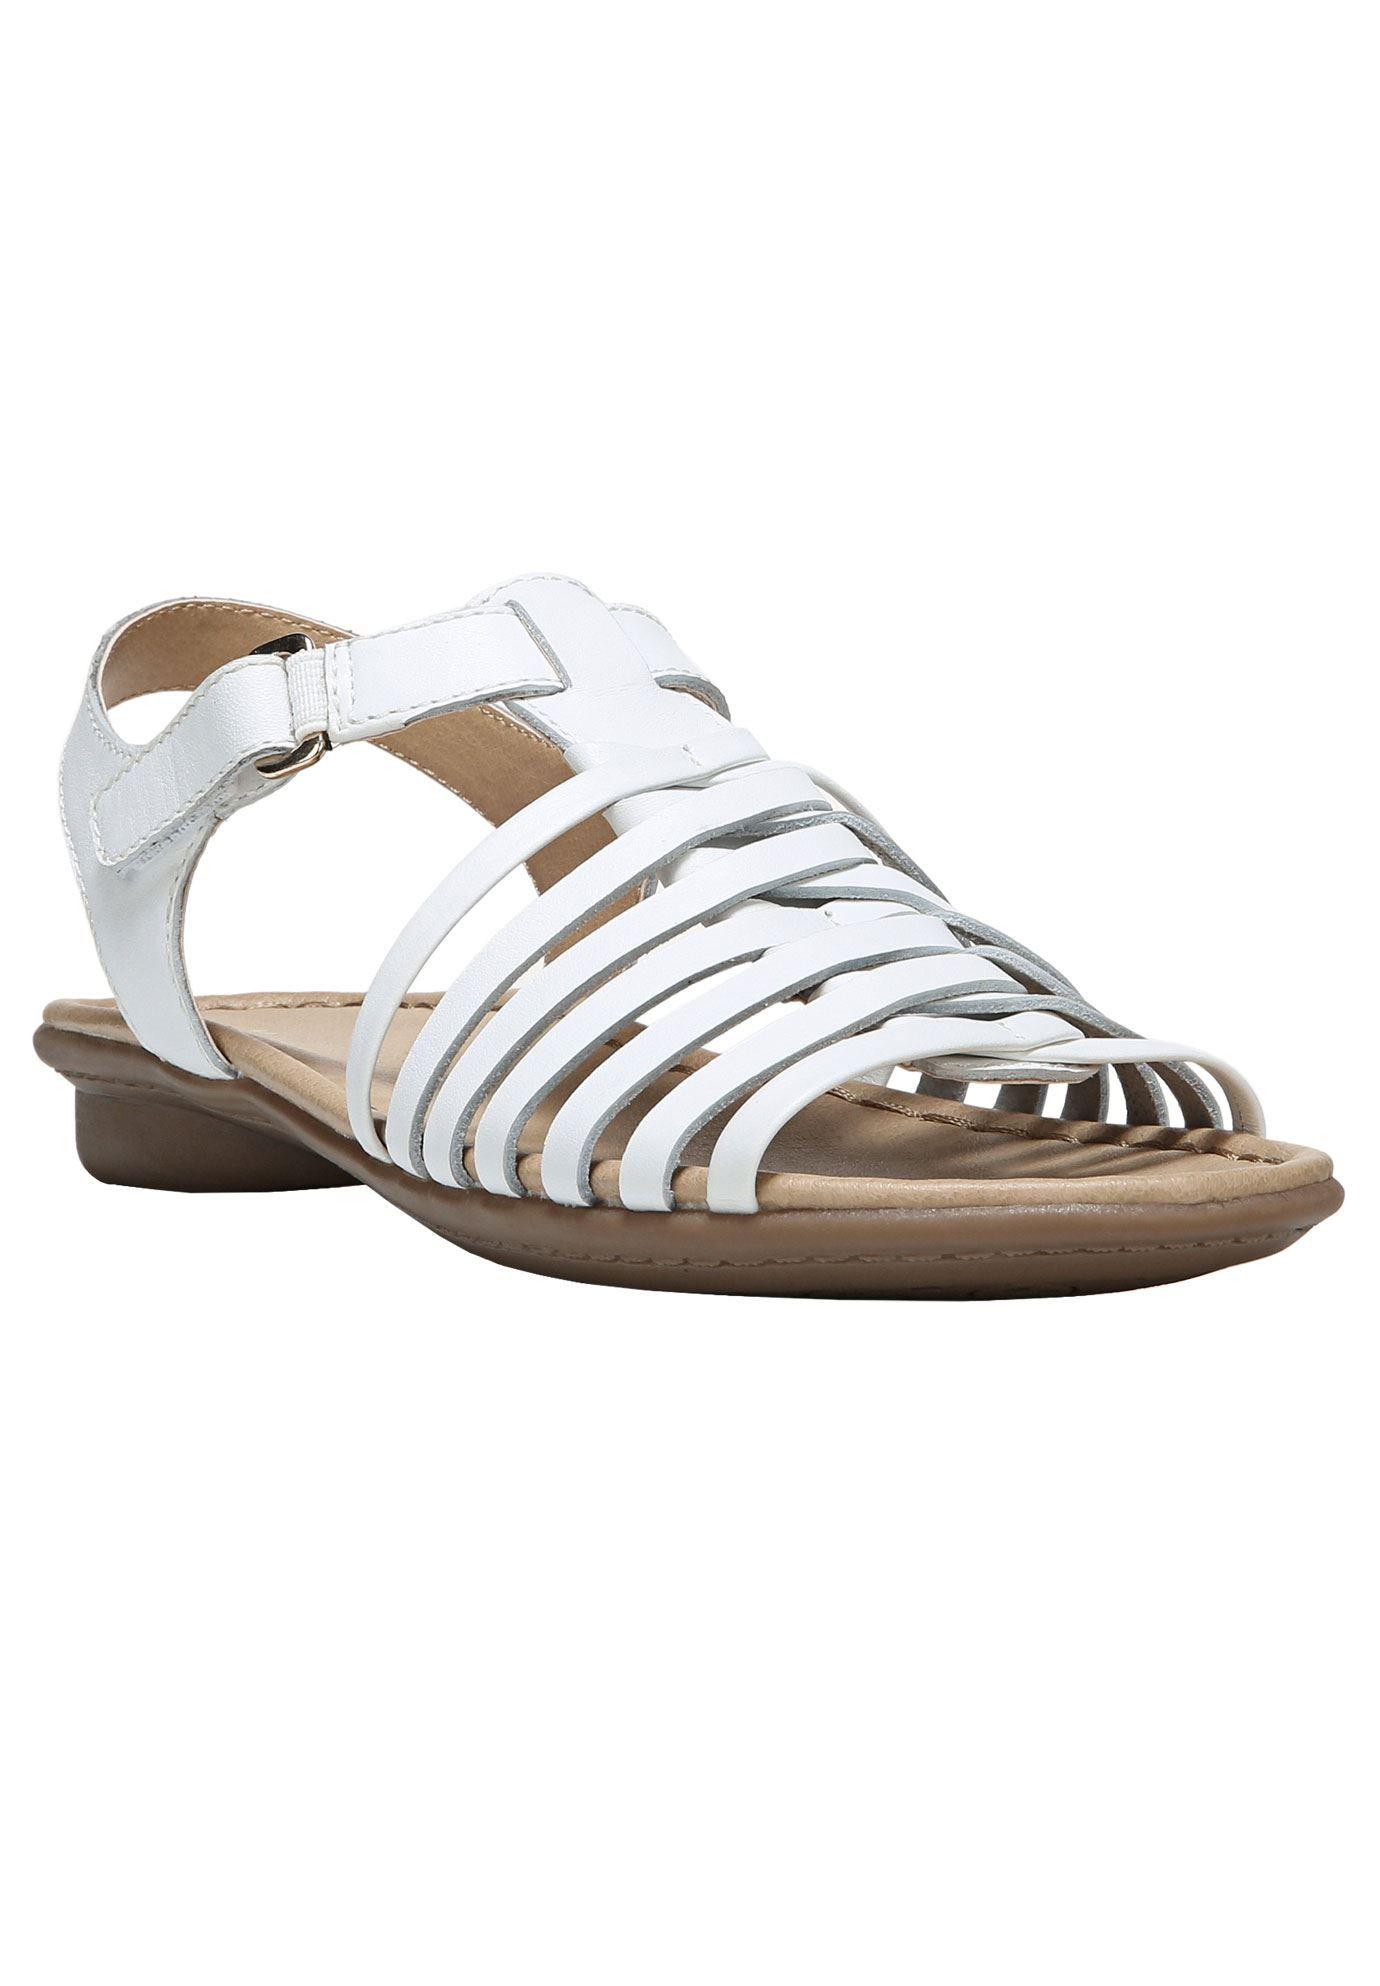 stili di grande varietà modelli alla moda repliche Pin by Auttie Rogers on Comfortable Shoes/Boots For My Diabetic ...